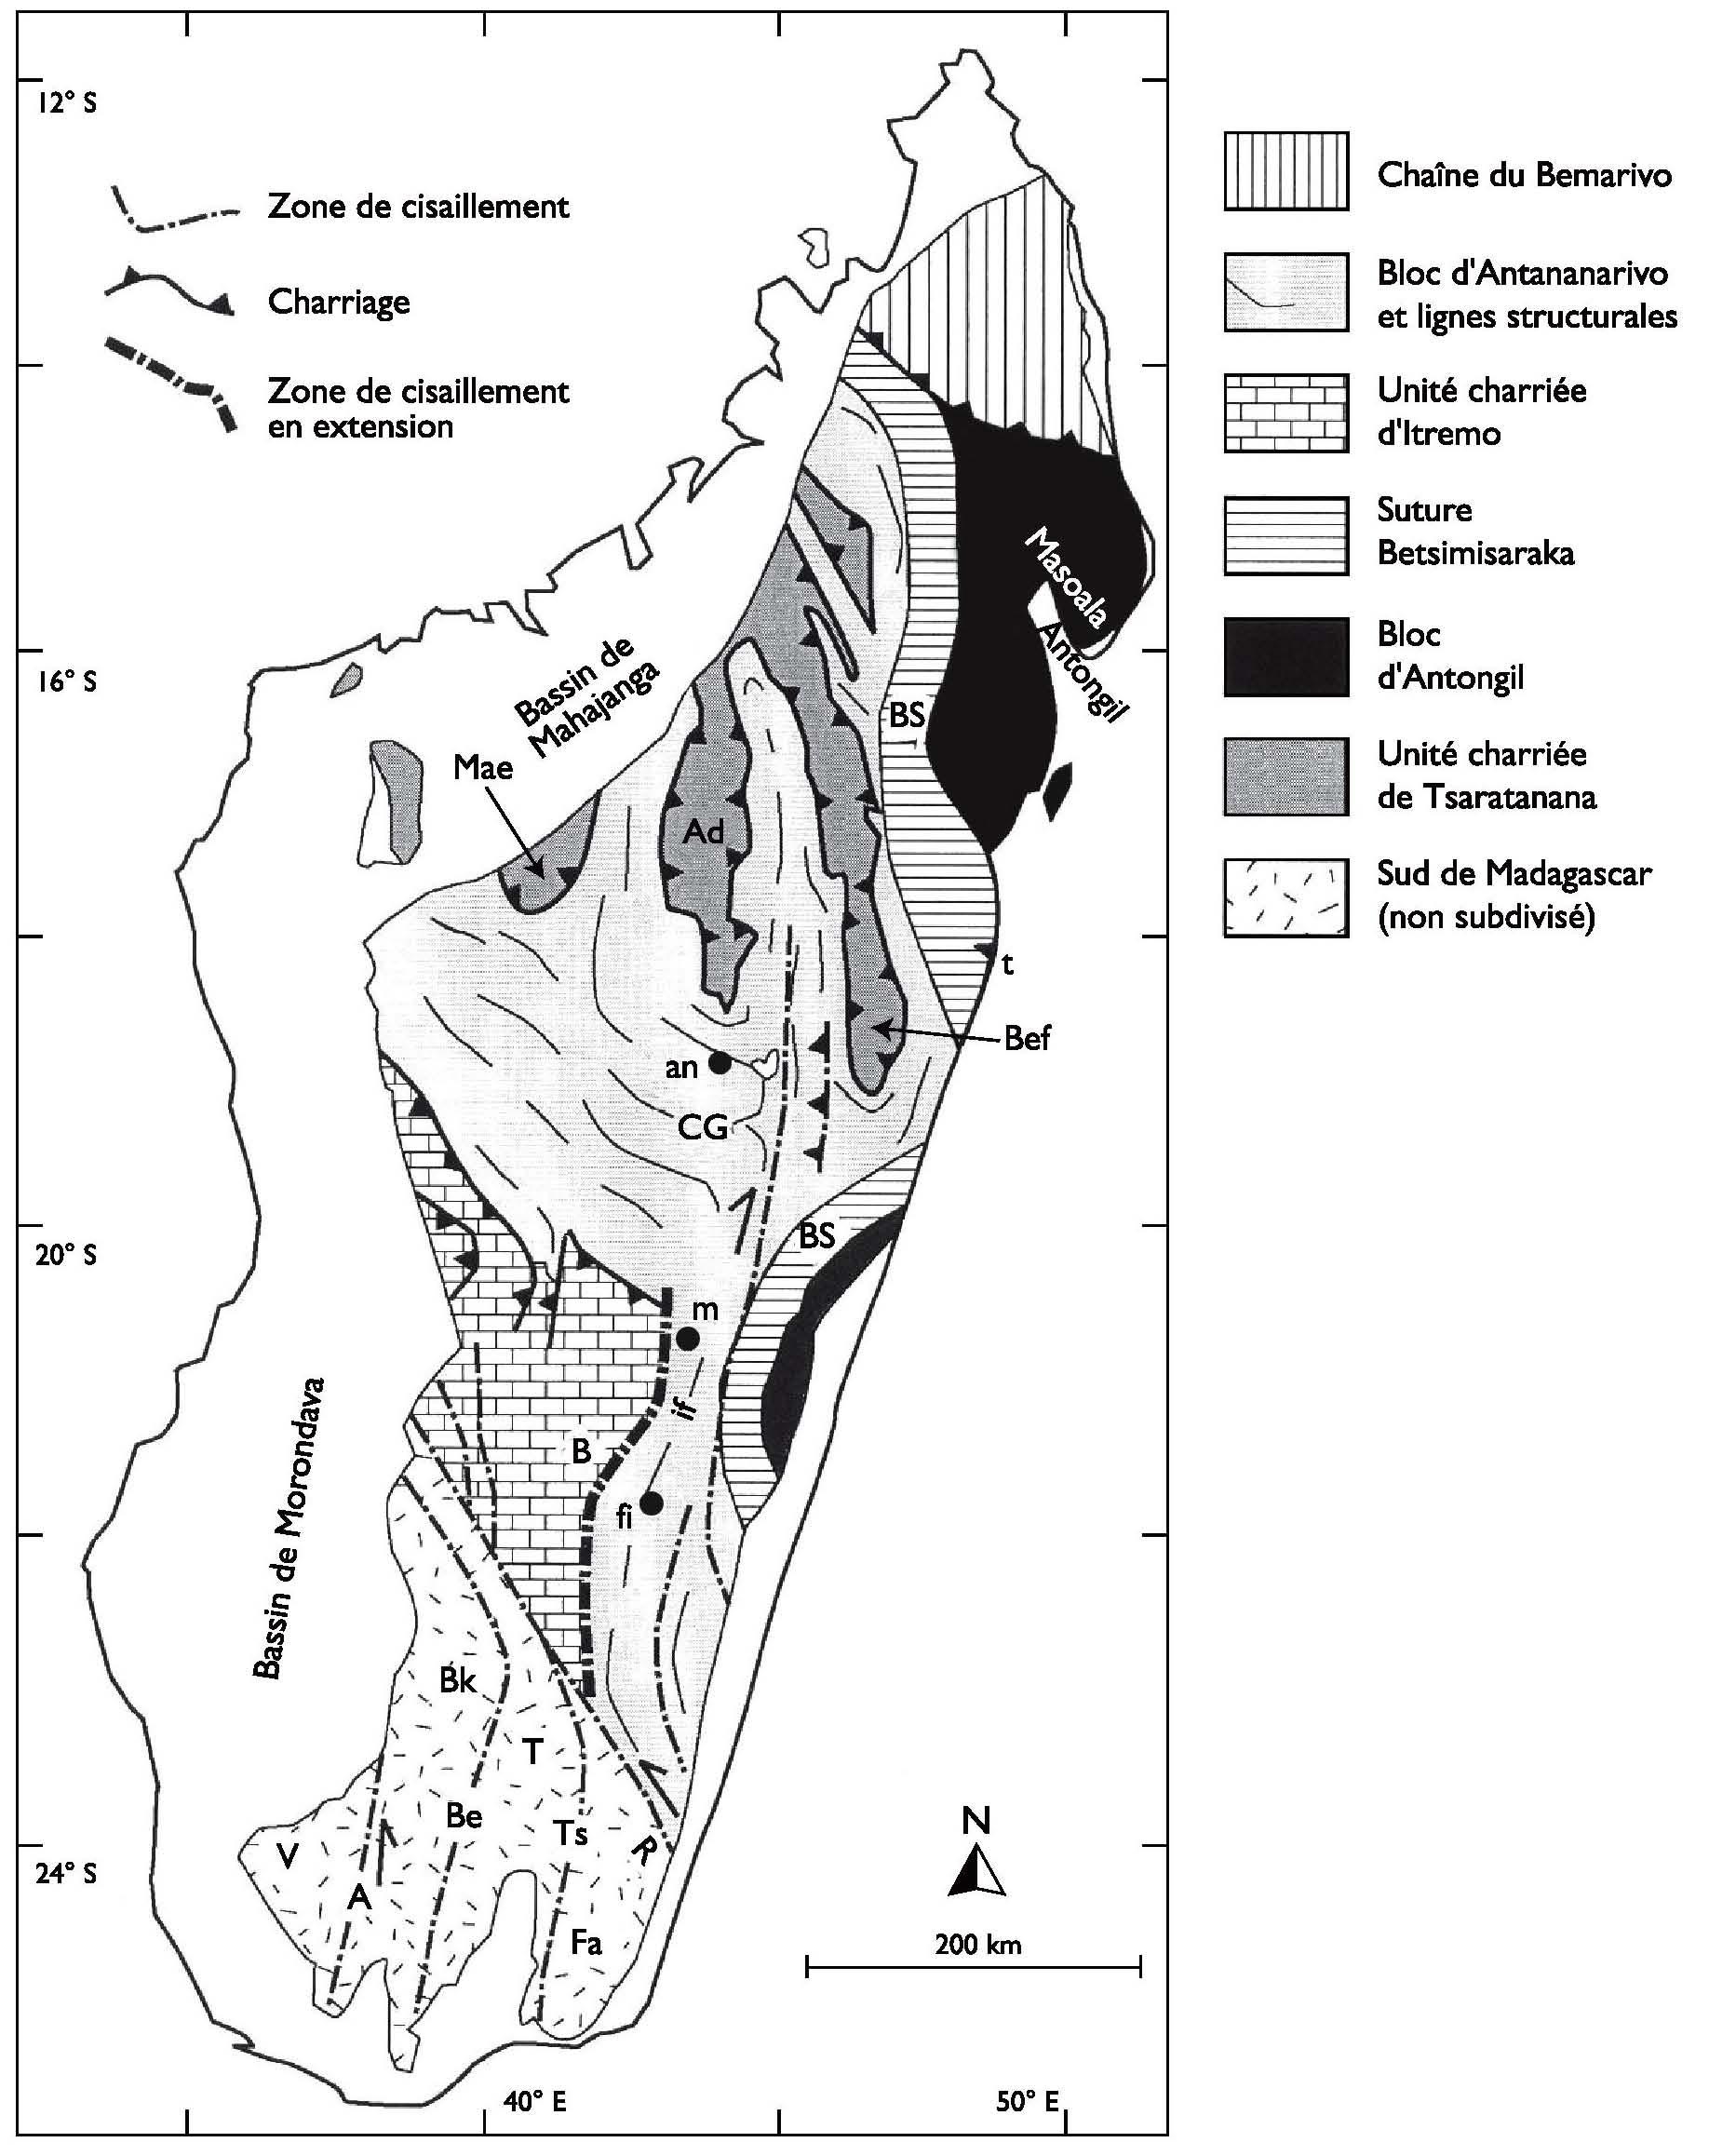 Carte Miniere De Madagascar Pdf.Parcours De Recherche A Madagascar Chapitre 11 Geologie